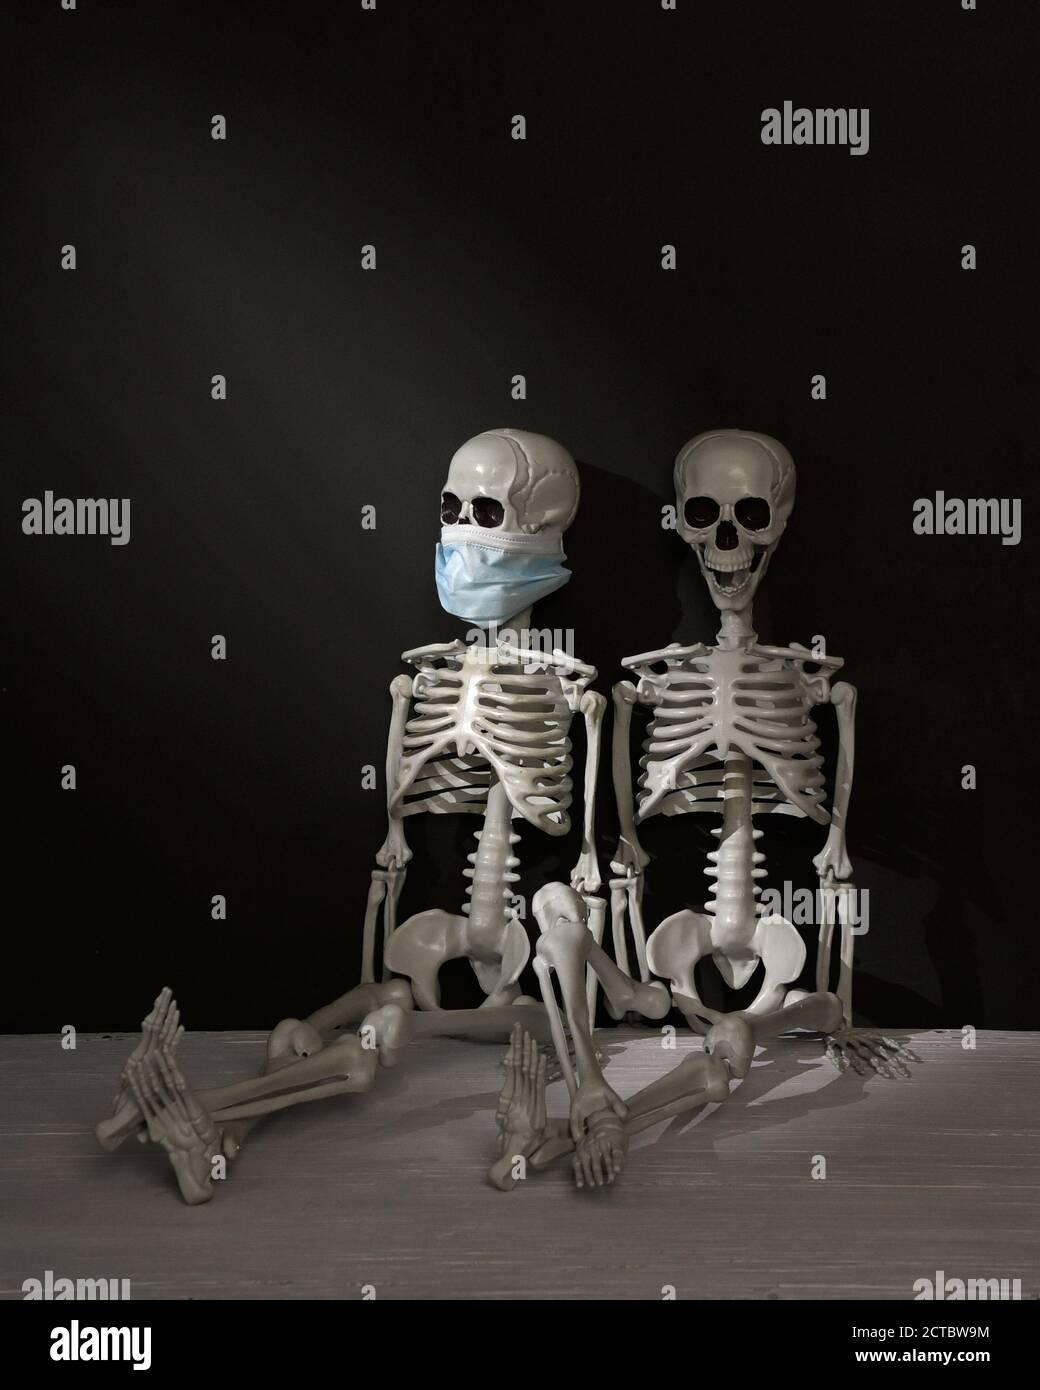 Due scheletri sono seduti in una stanza buia. Uno indossa una maschera e l'altro non è per un concetto di umorismo scuro anti maschera durante la covid 19 pandemia. Foto Stock